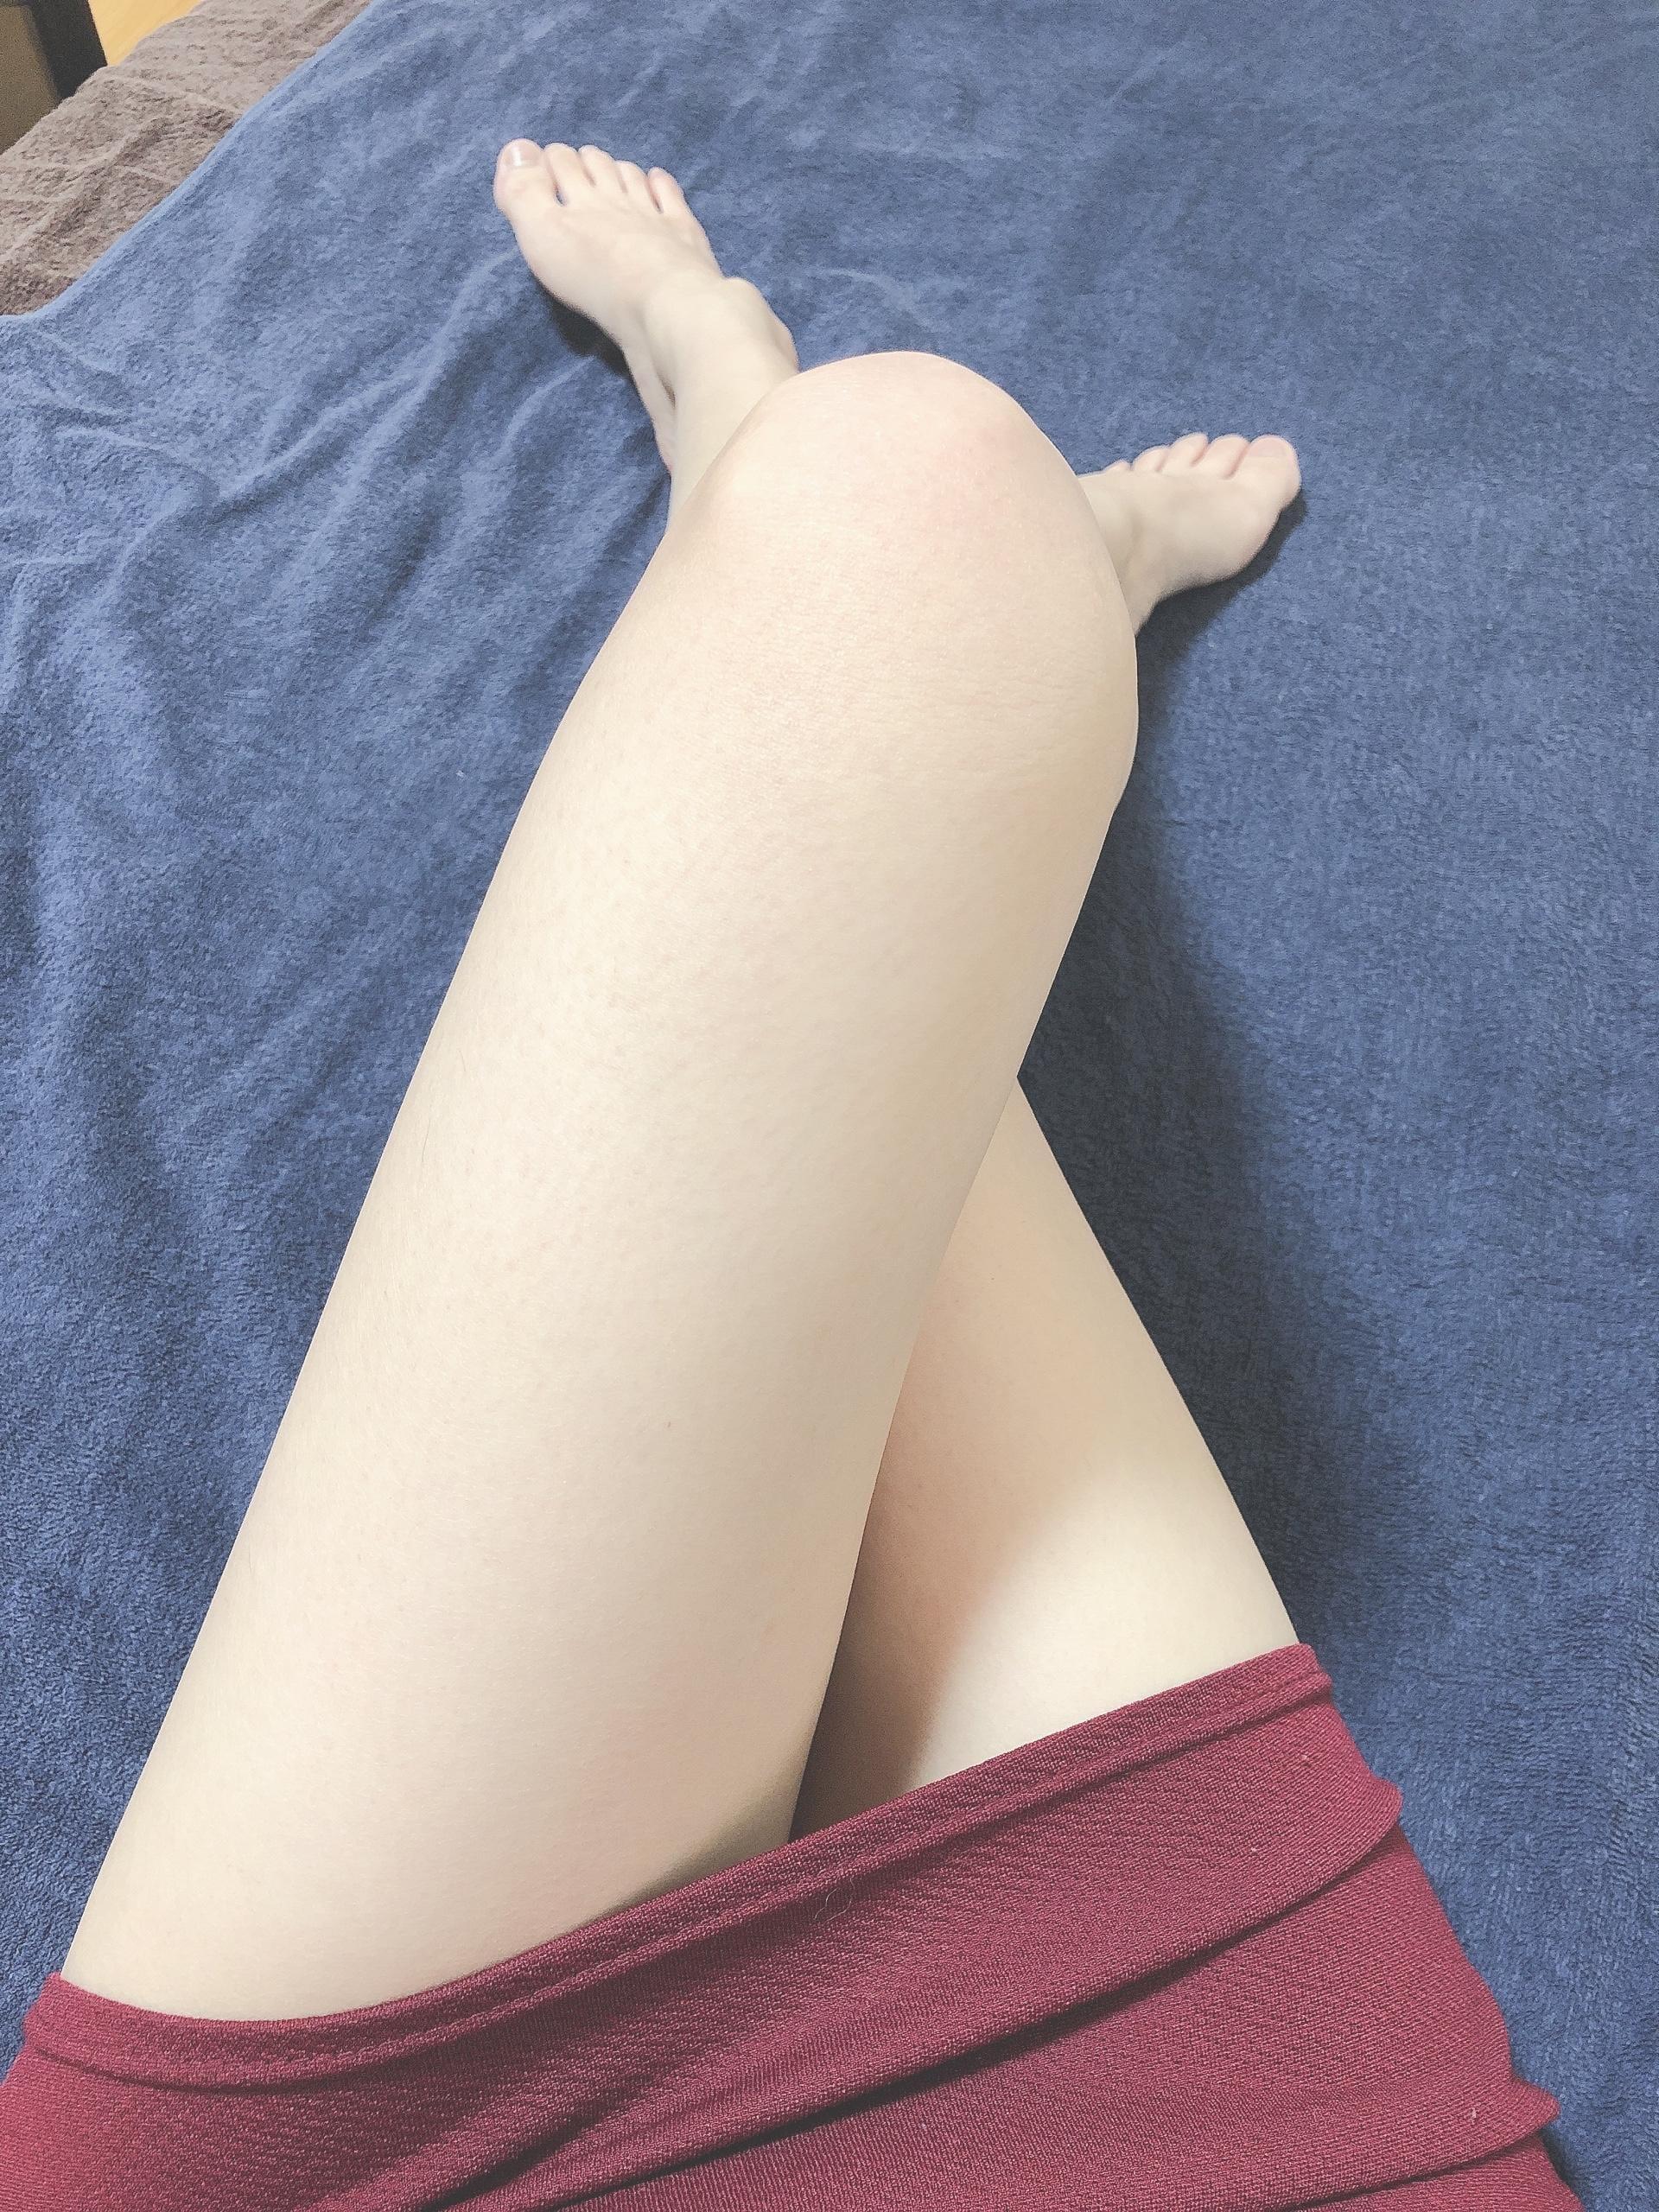 「今日、出勤してます♡」01/10(01/10) 14:32 | 楓の写メ・風俗動画